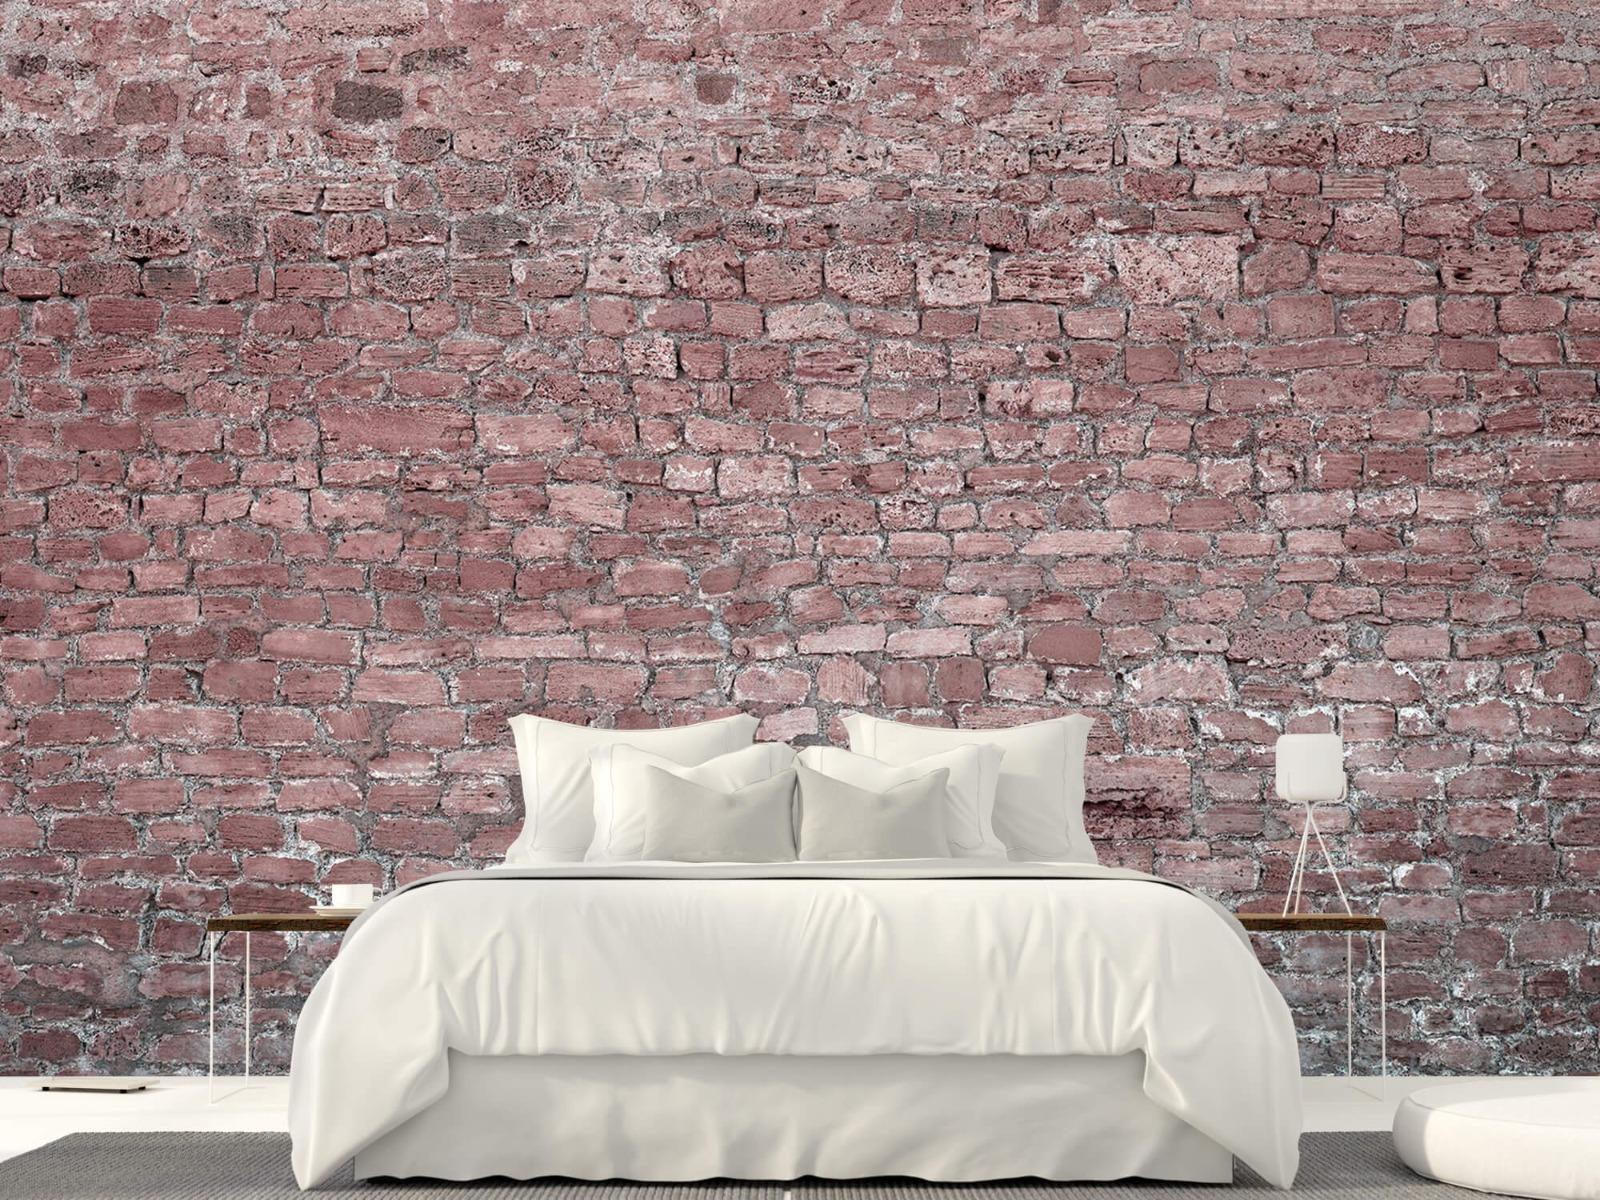 Steen behang - Muur van oude stenen - Tienerkamer 23